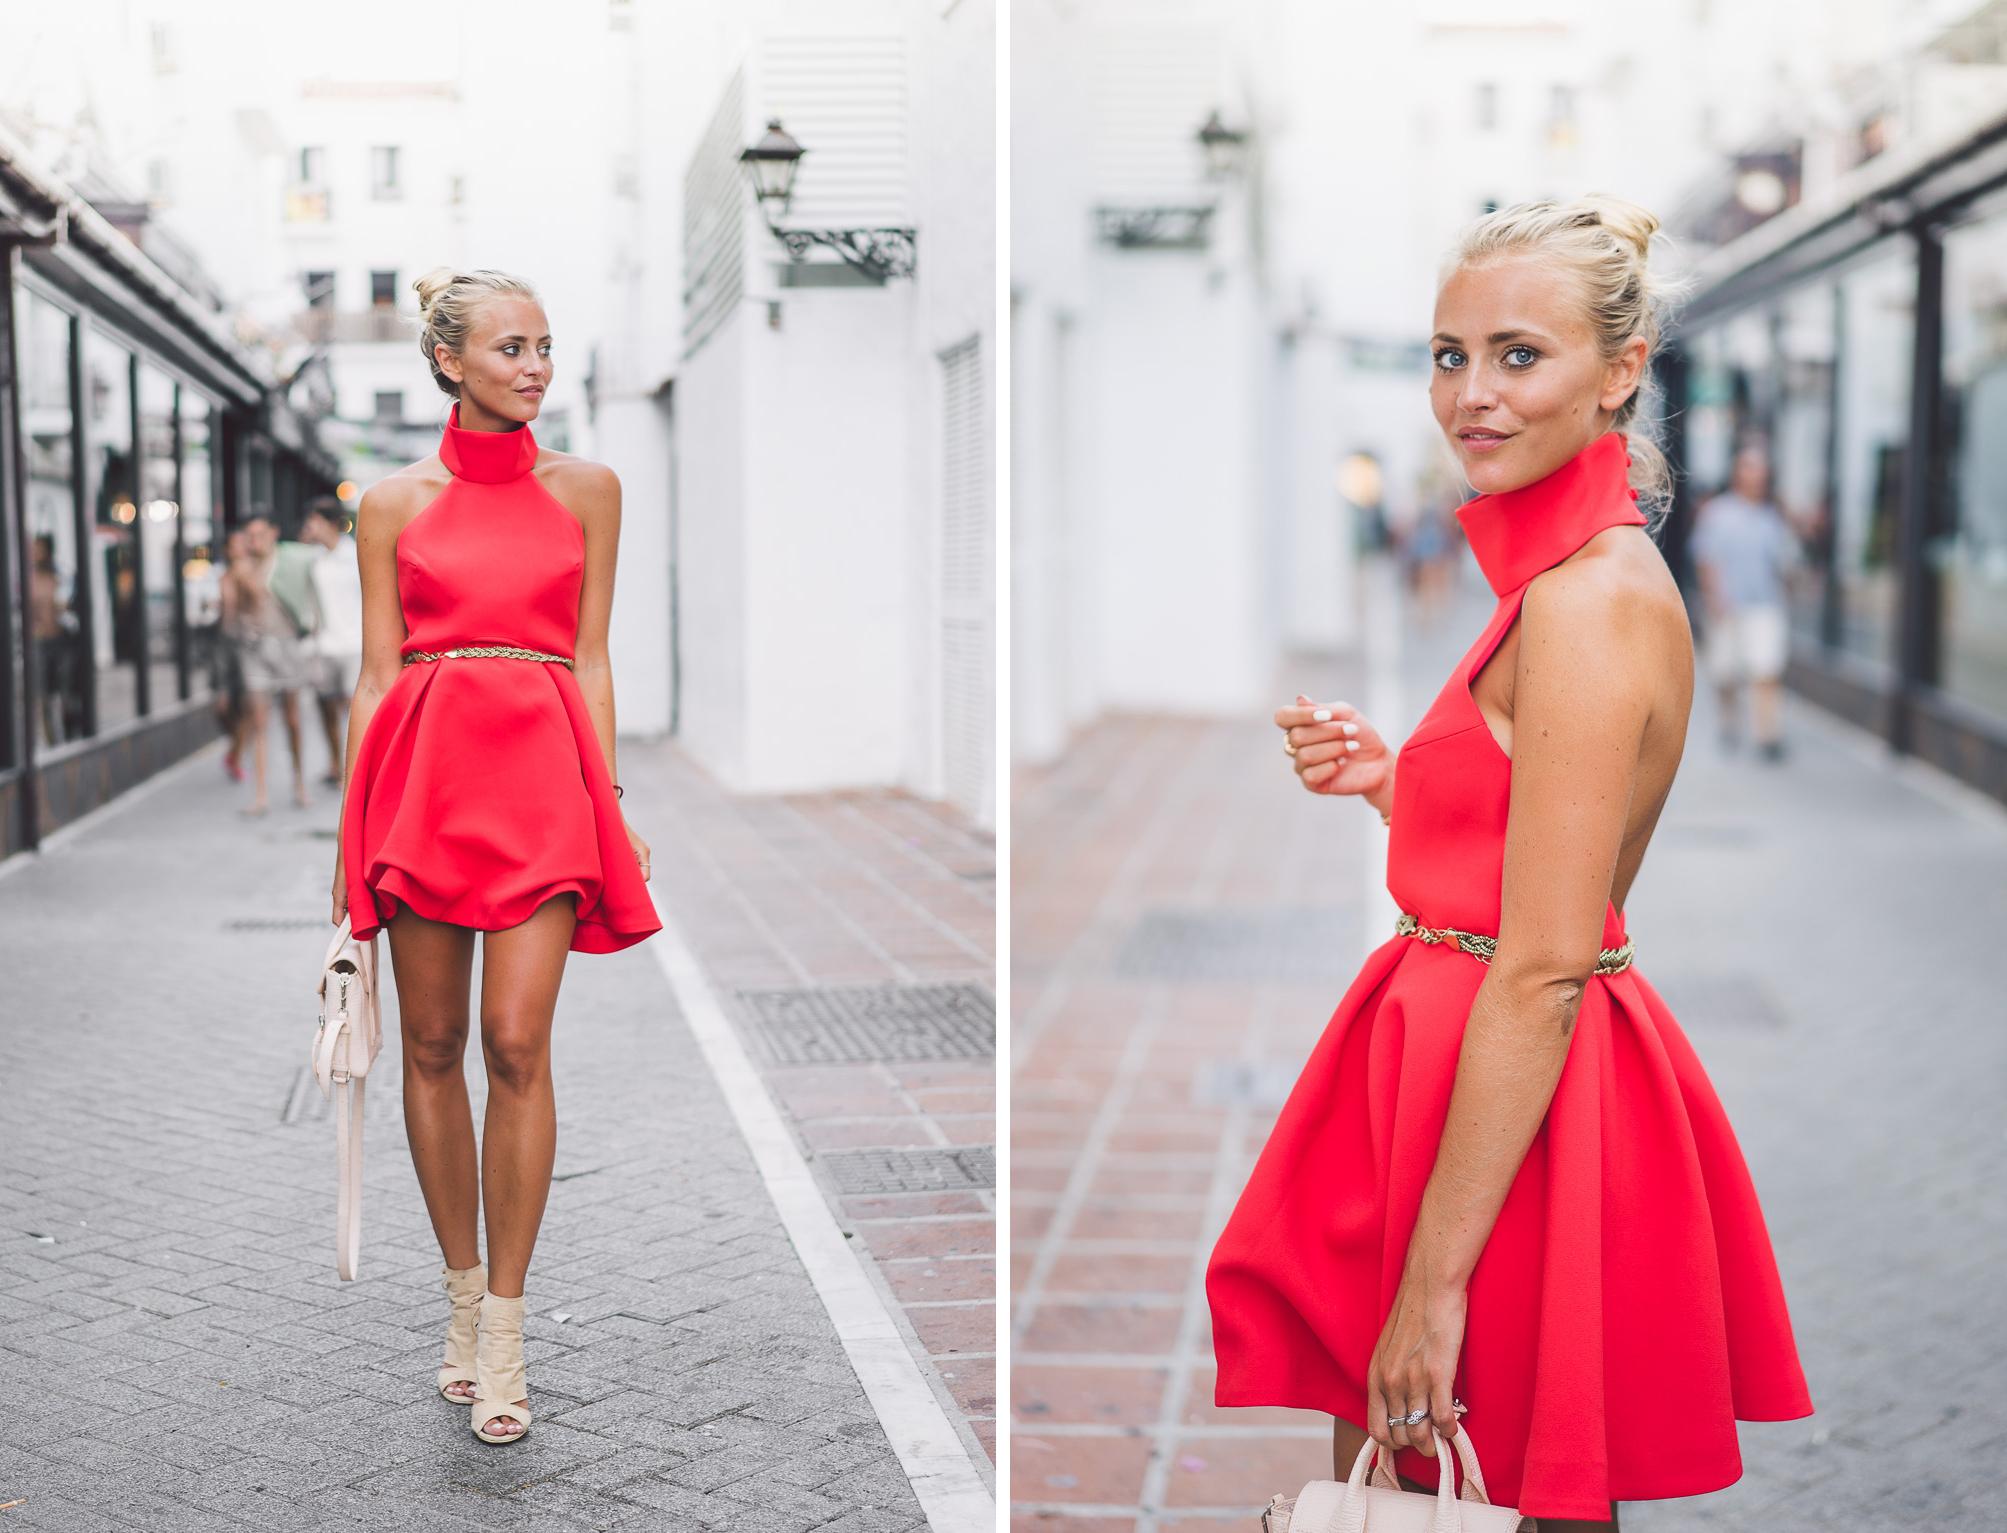 janni-deler-red-dress-finders-keepersDSC02322